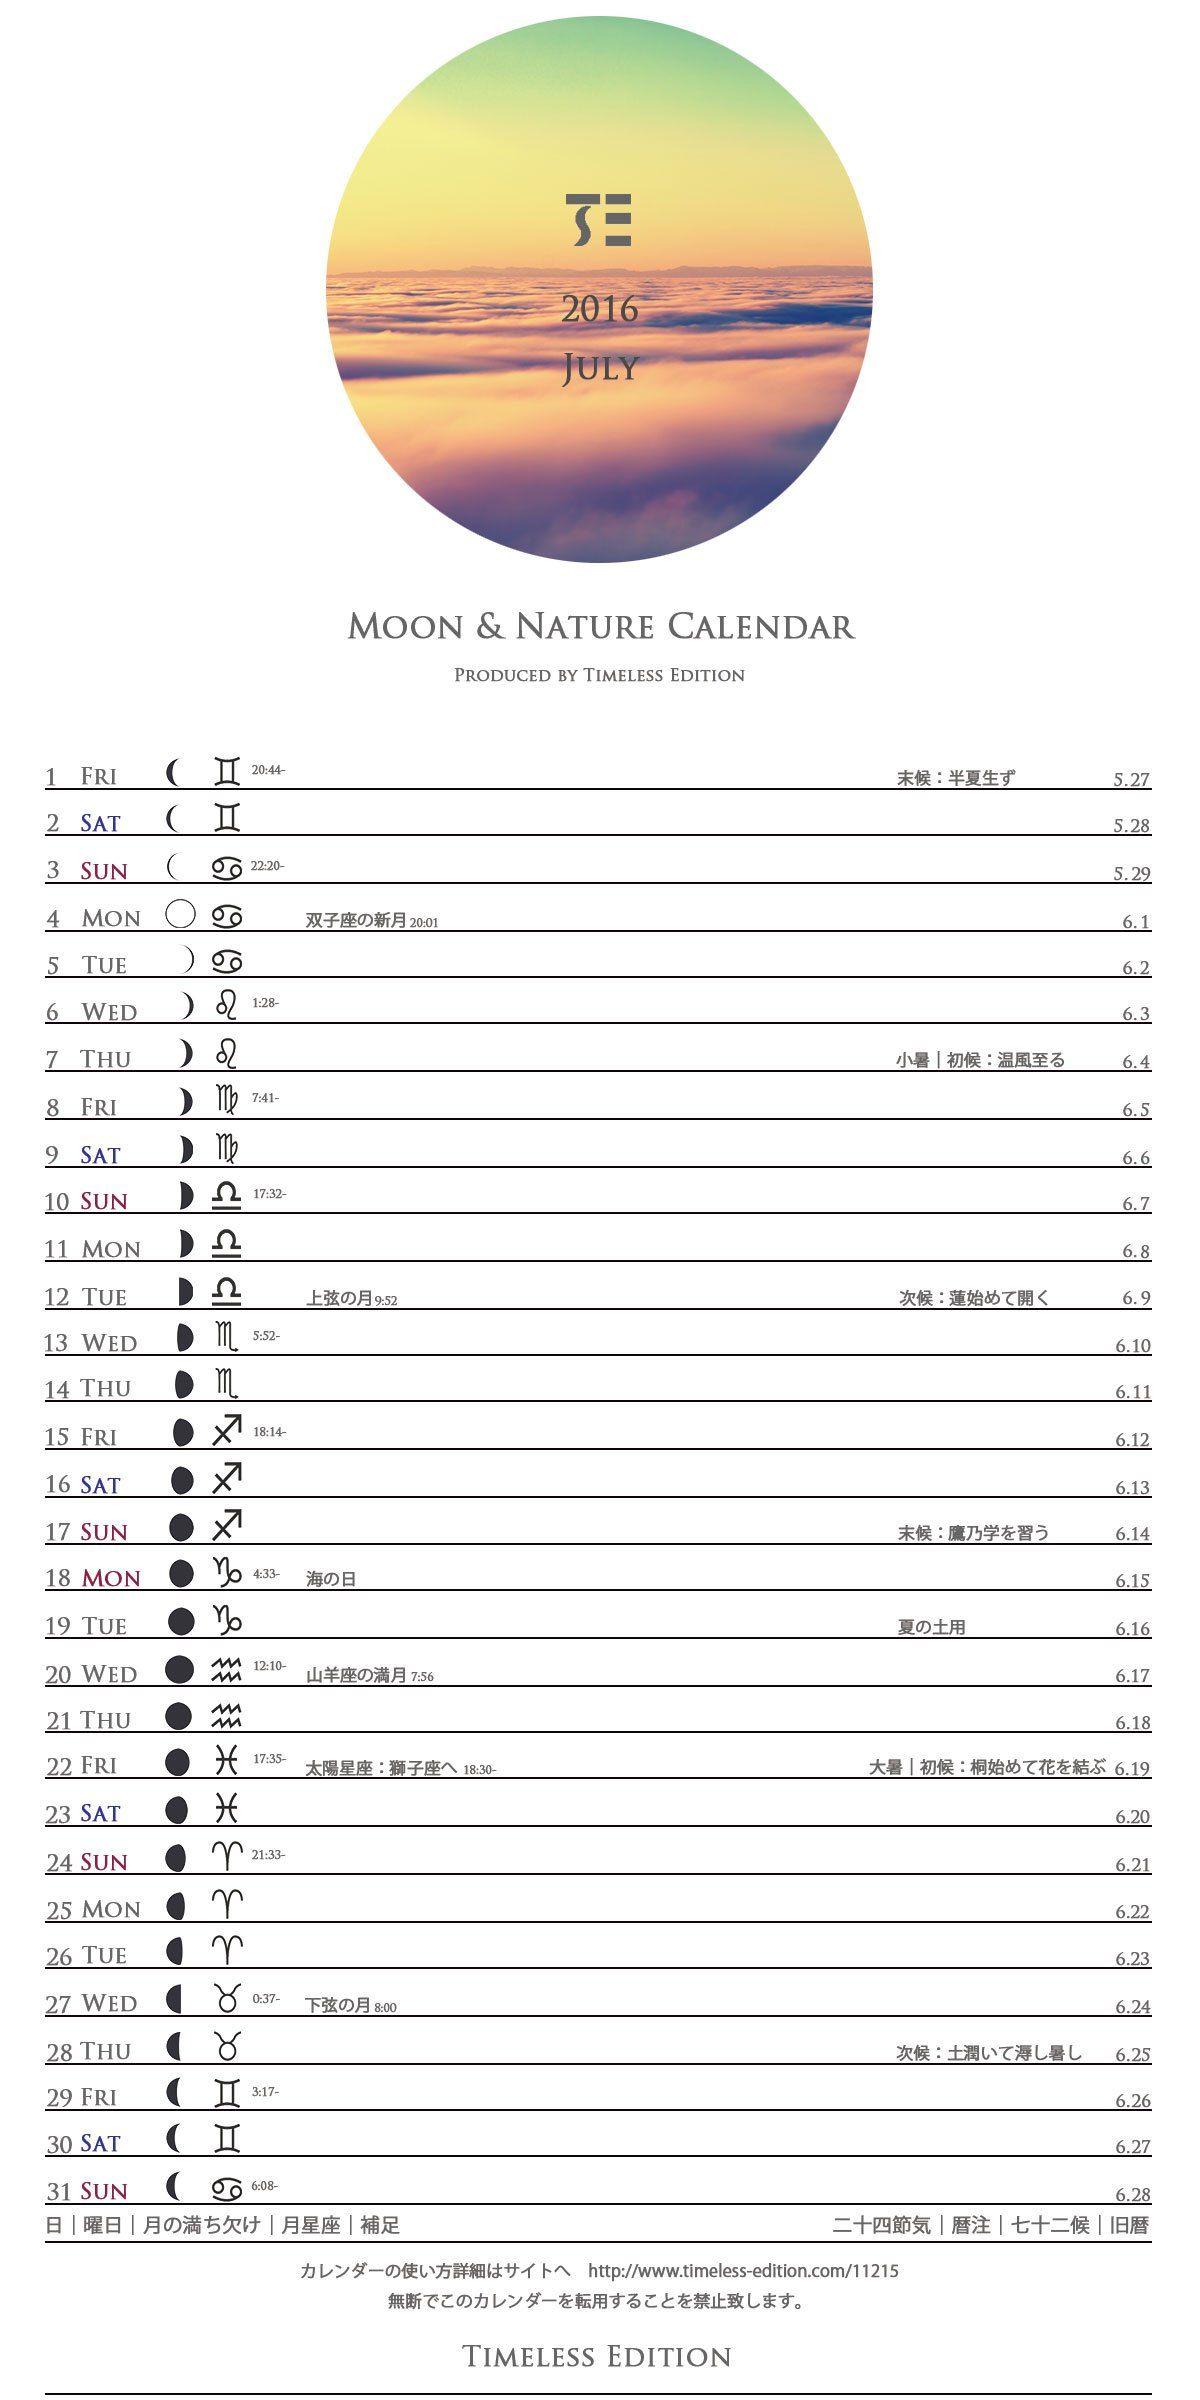 月と旧暦のカレンダー 月の満ち欠け 新月 満月 月星座 月齢などが分かる カレンダー 月の満ち欠け カレンダー 月